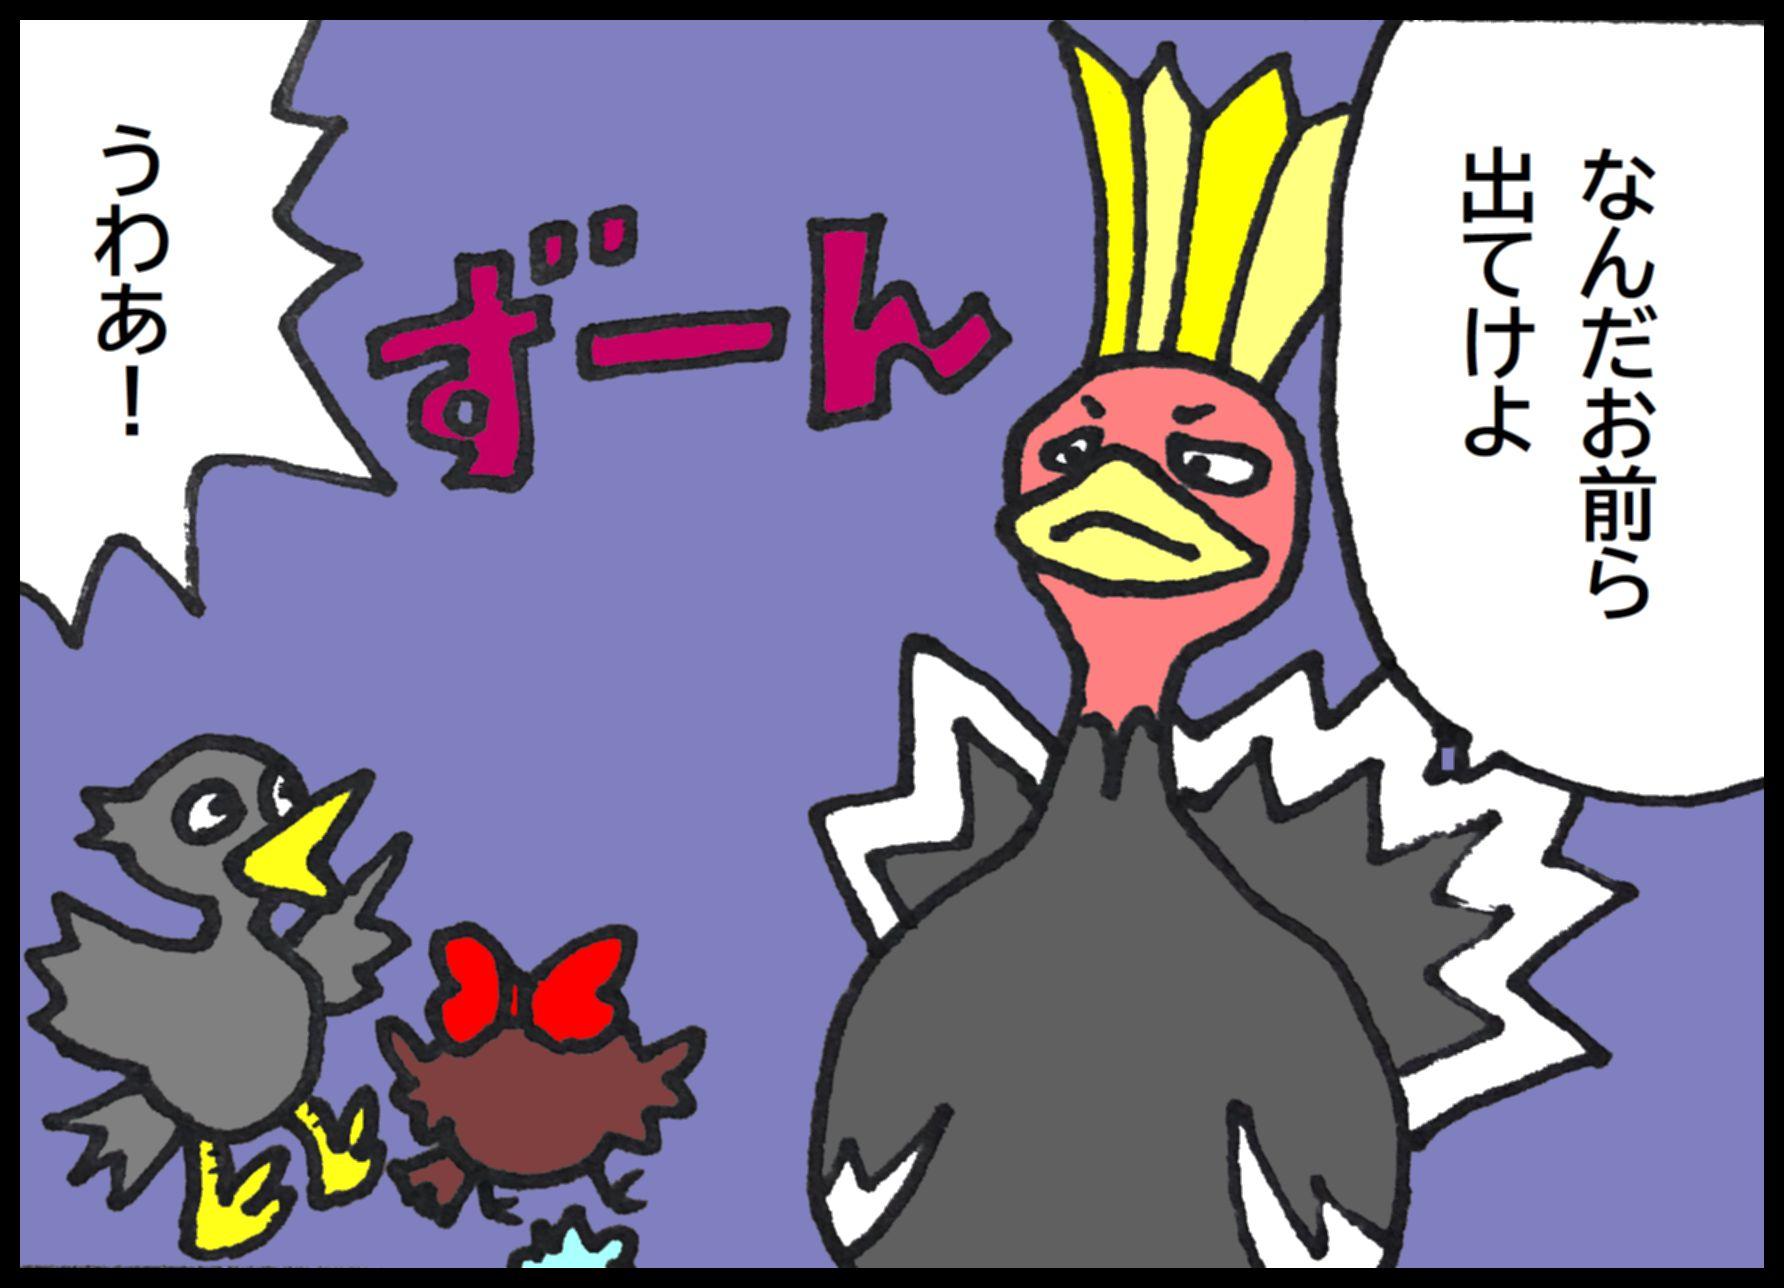 『夕やけちょこ』その38「出てけよ!」(2)